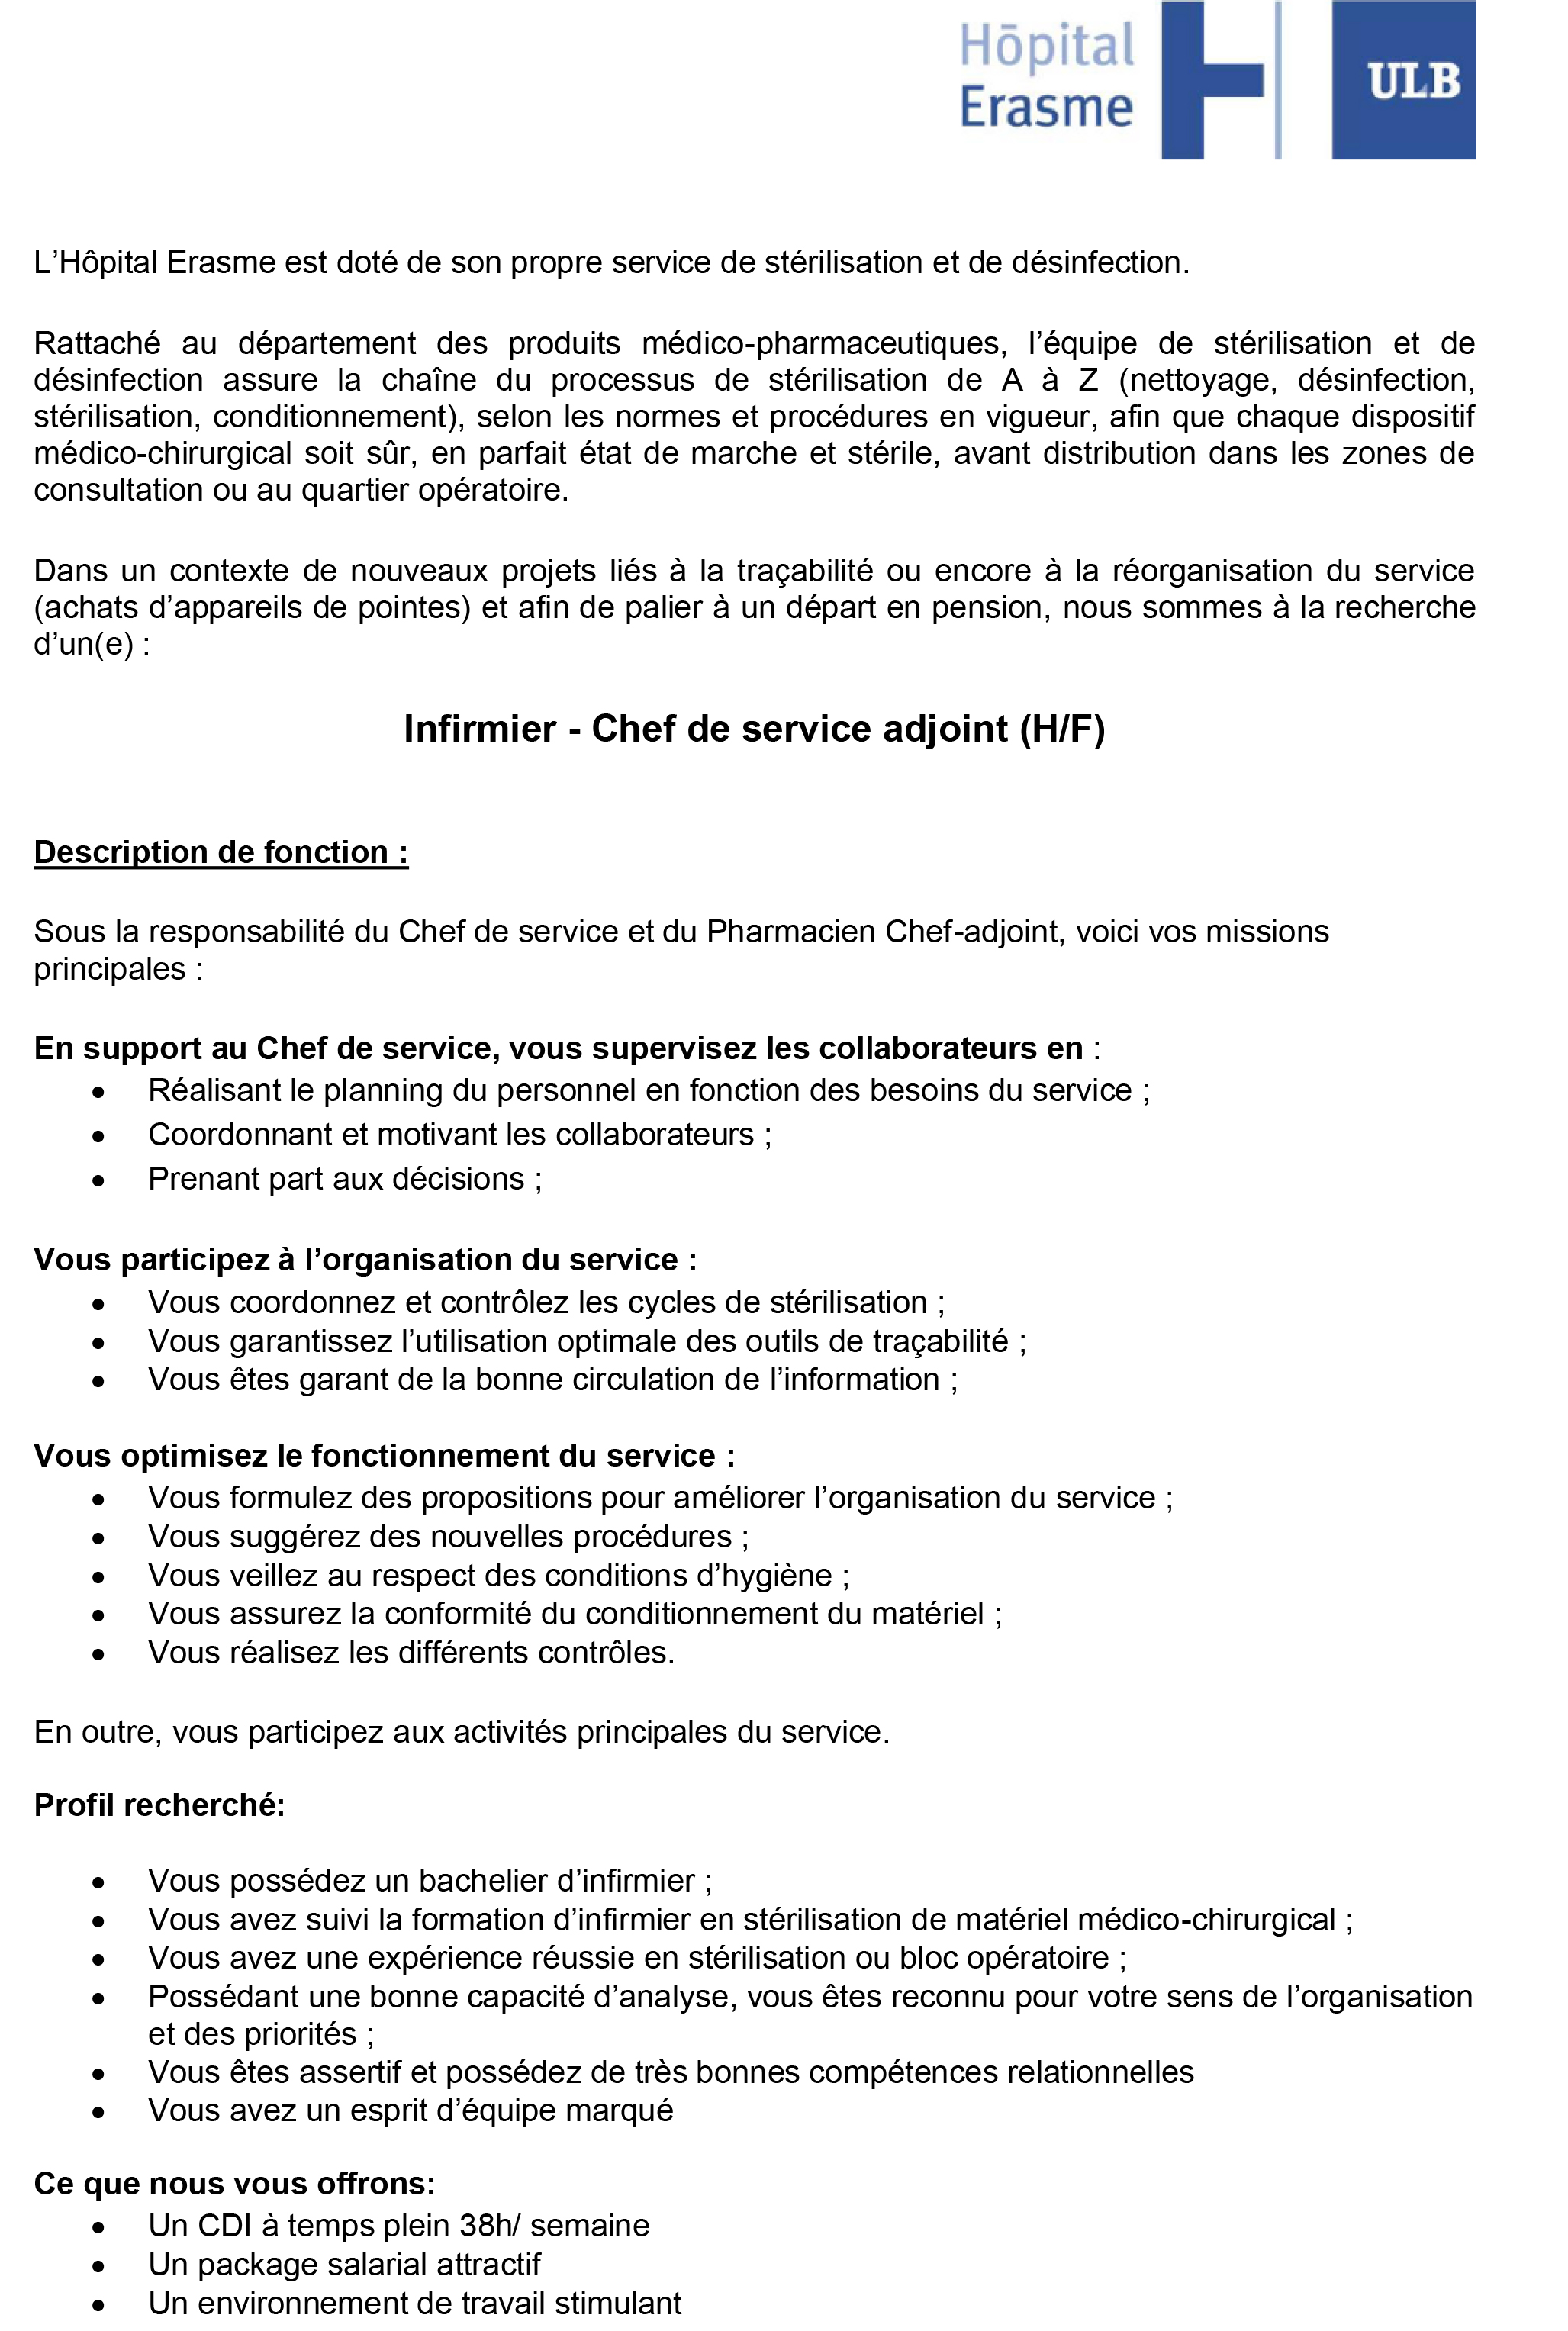 L'Hôpital Erasme recherche un infirmier-chef de service adjoint (H/F) pour le service de stérilisation centrale